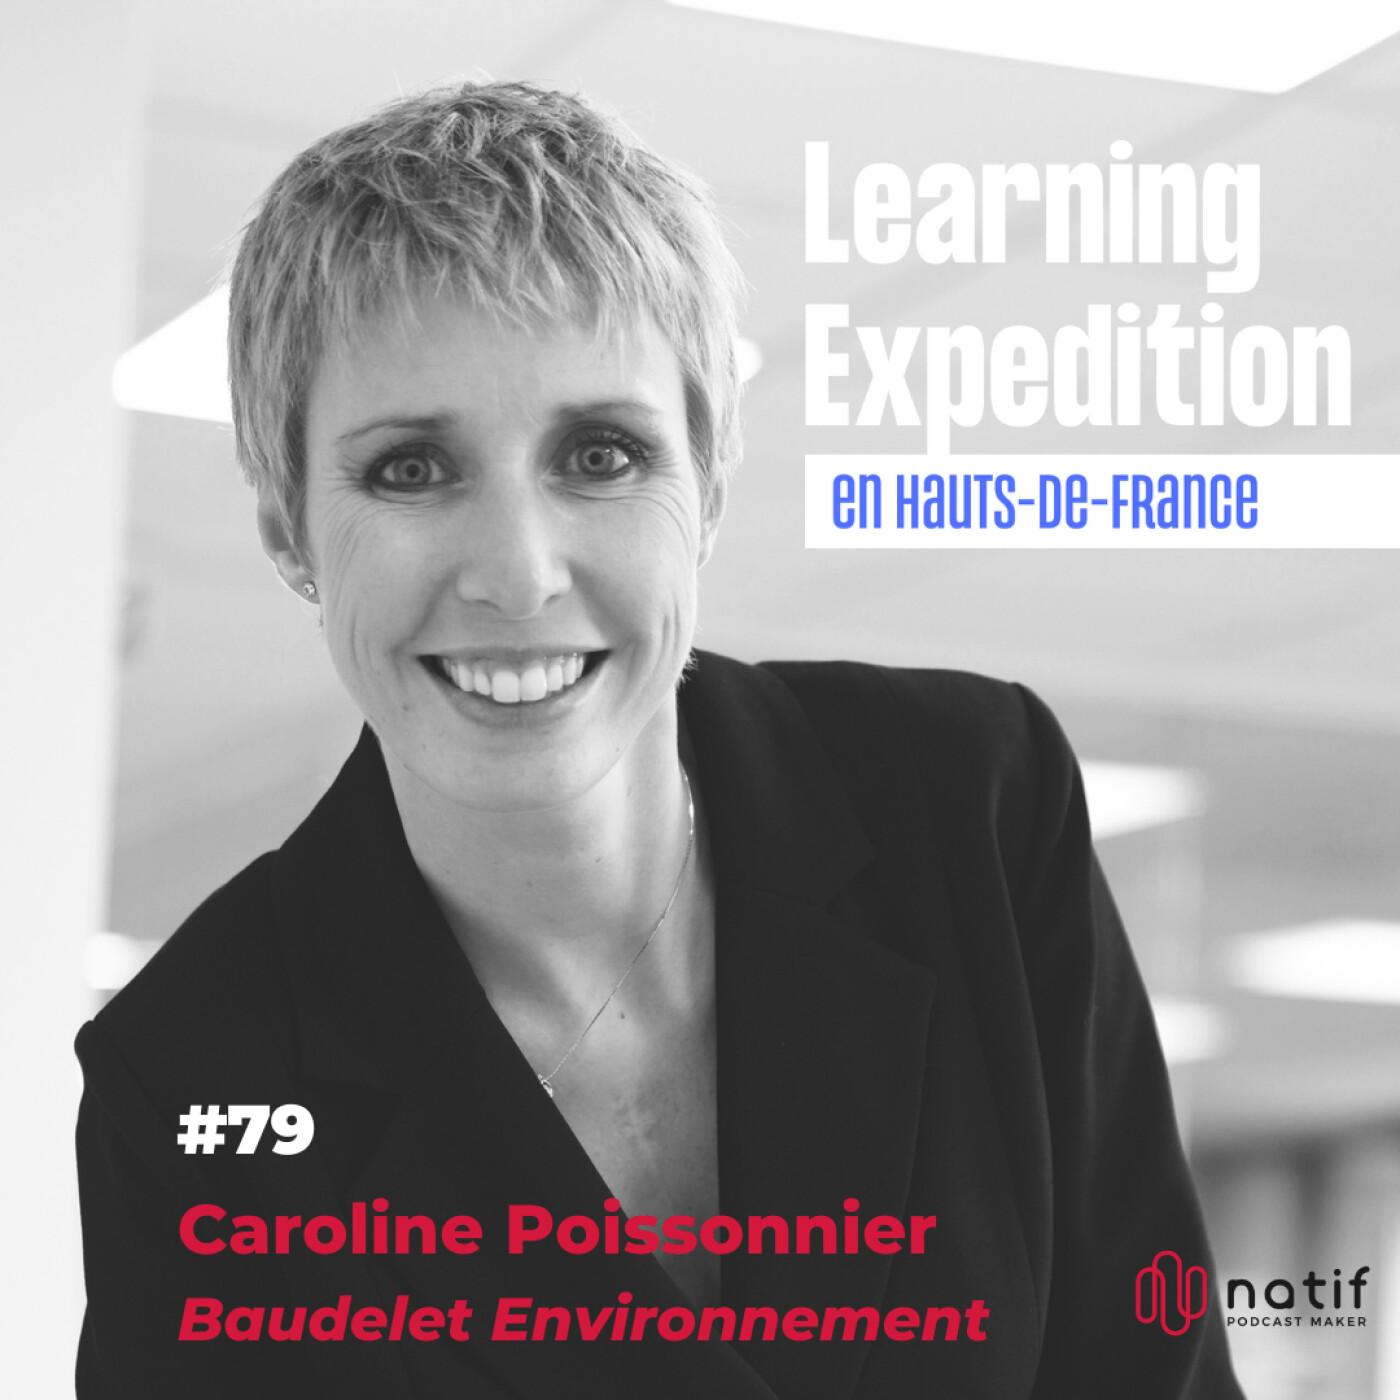 #79 - Caroline Poissonnier /// Une entreprise familiale n'est pas synonyme de facilité - Baudelet Environnement